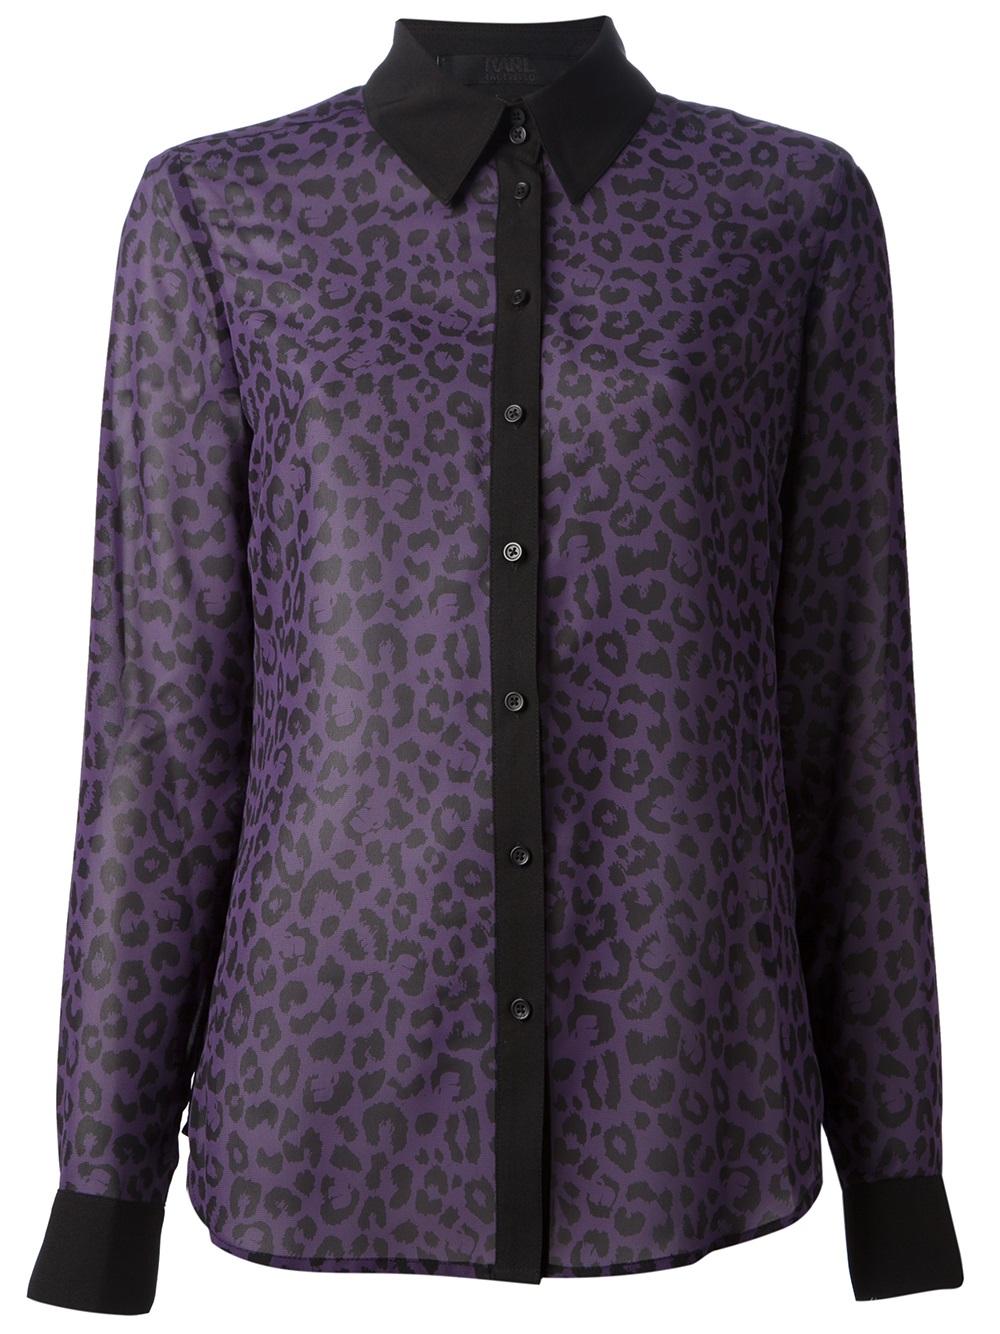 498f1b5fce51 Karl Lagerfeld Leopard Print Blouse in Purple - Lyst